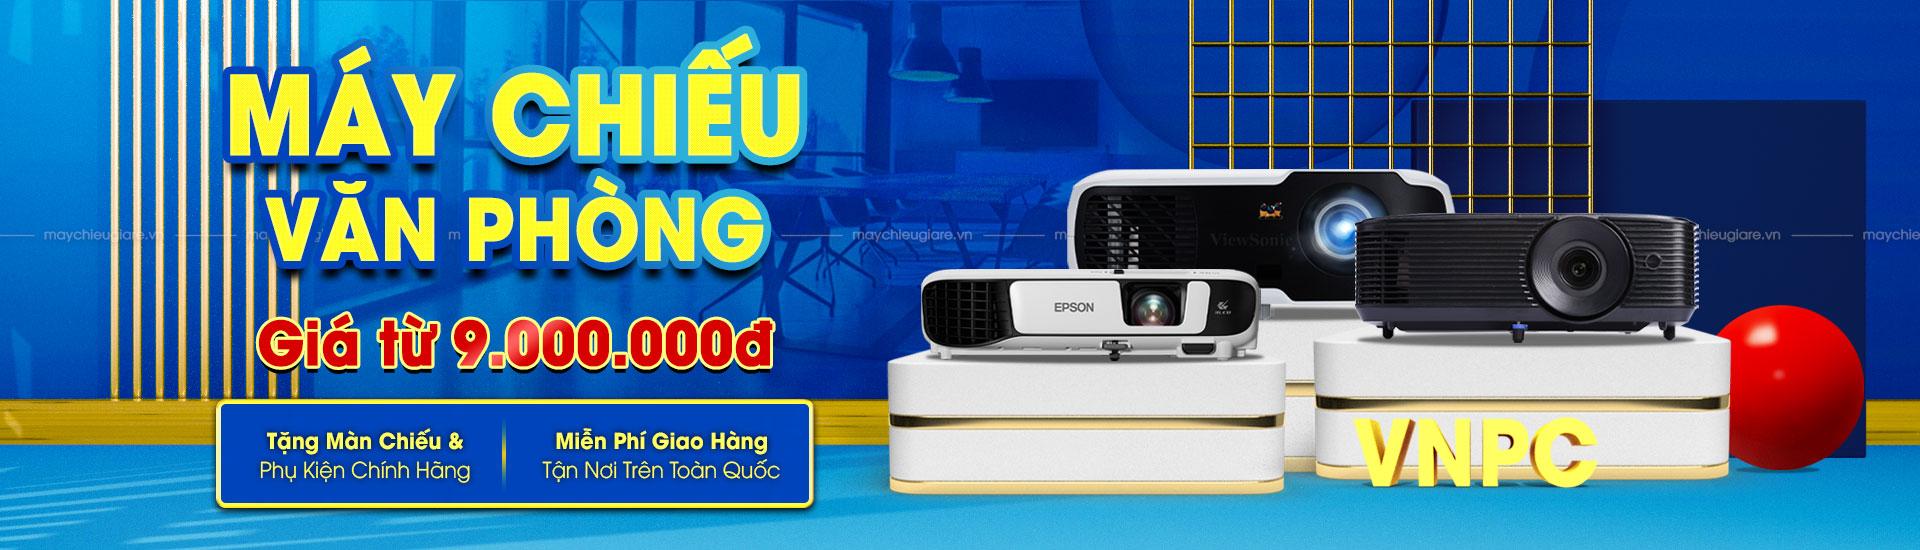 VNPC khuyến mại máy chiếu văn phòng 2021